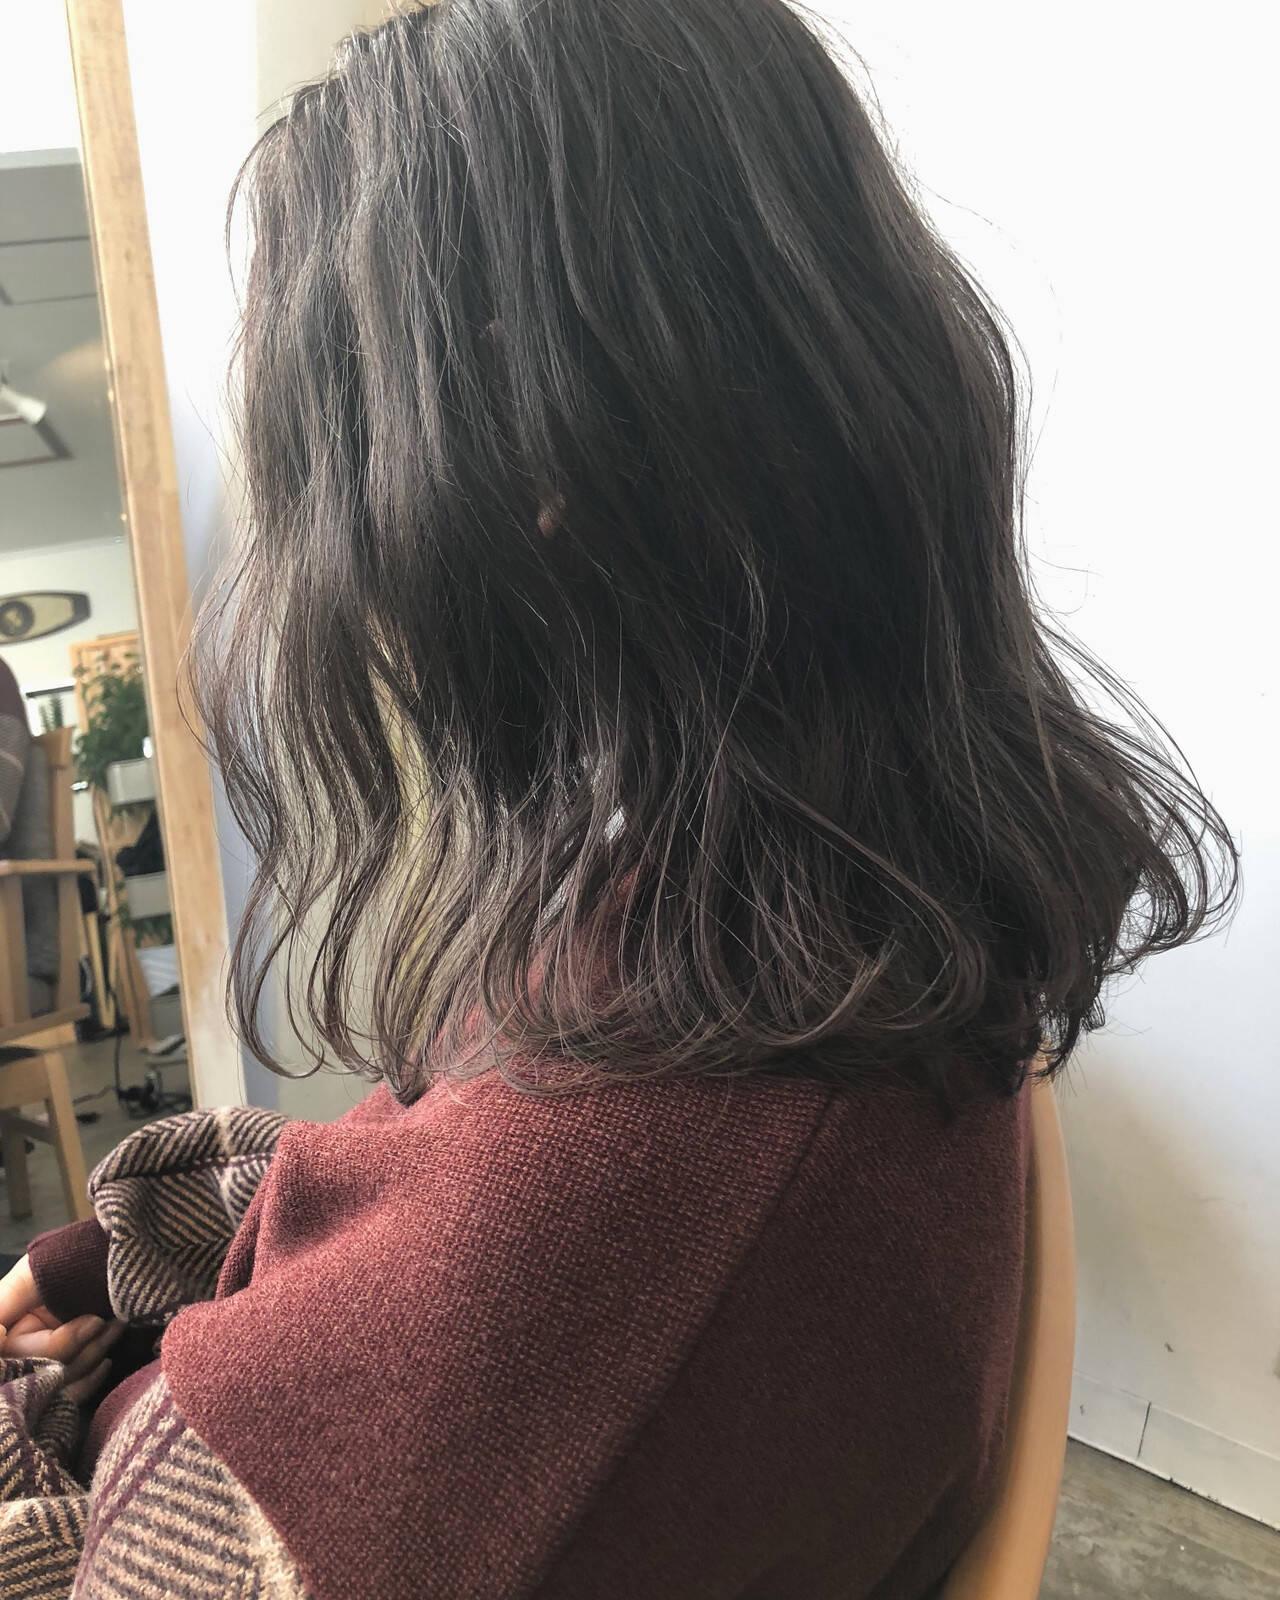 ナチュラル デート オフィス 簡単ヘアアレンジヘアスタイルや髪型の写真・画像